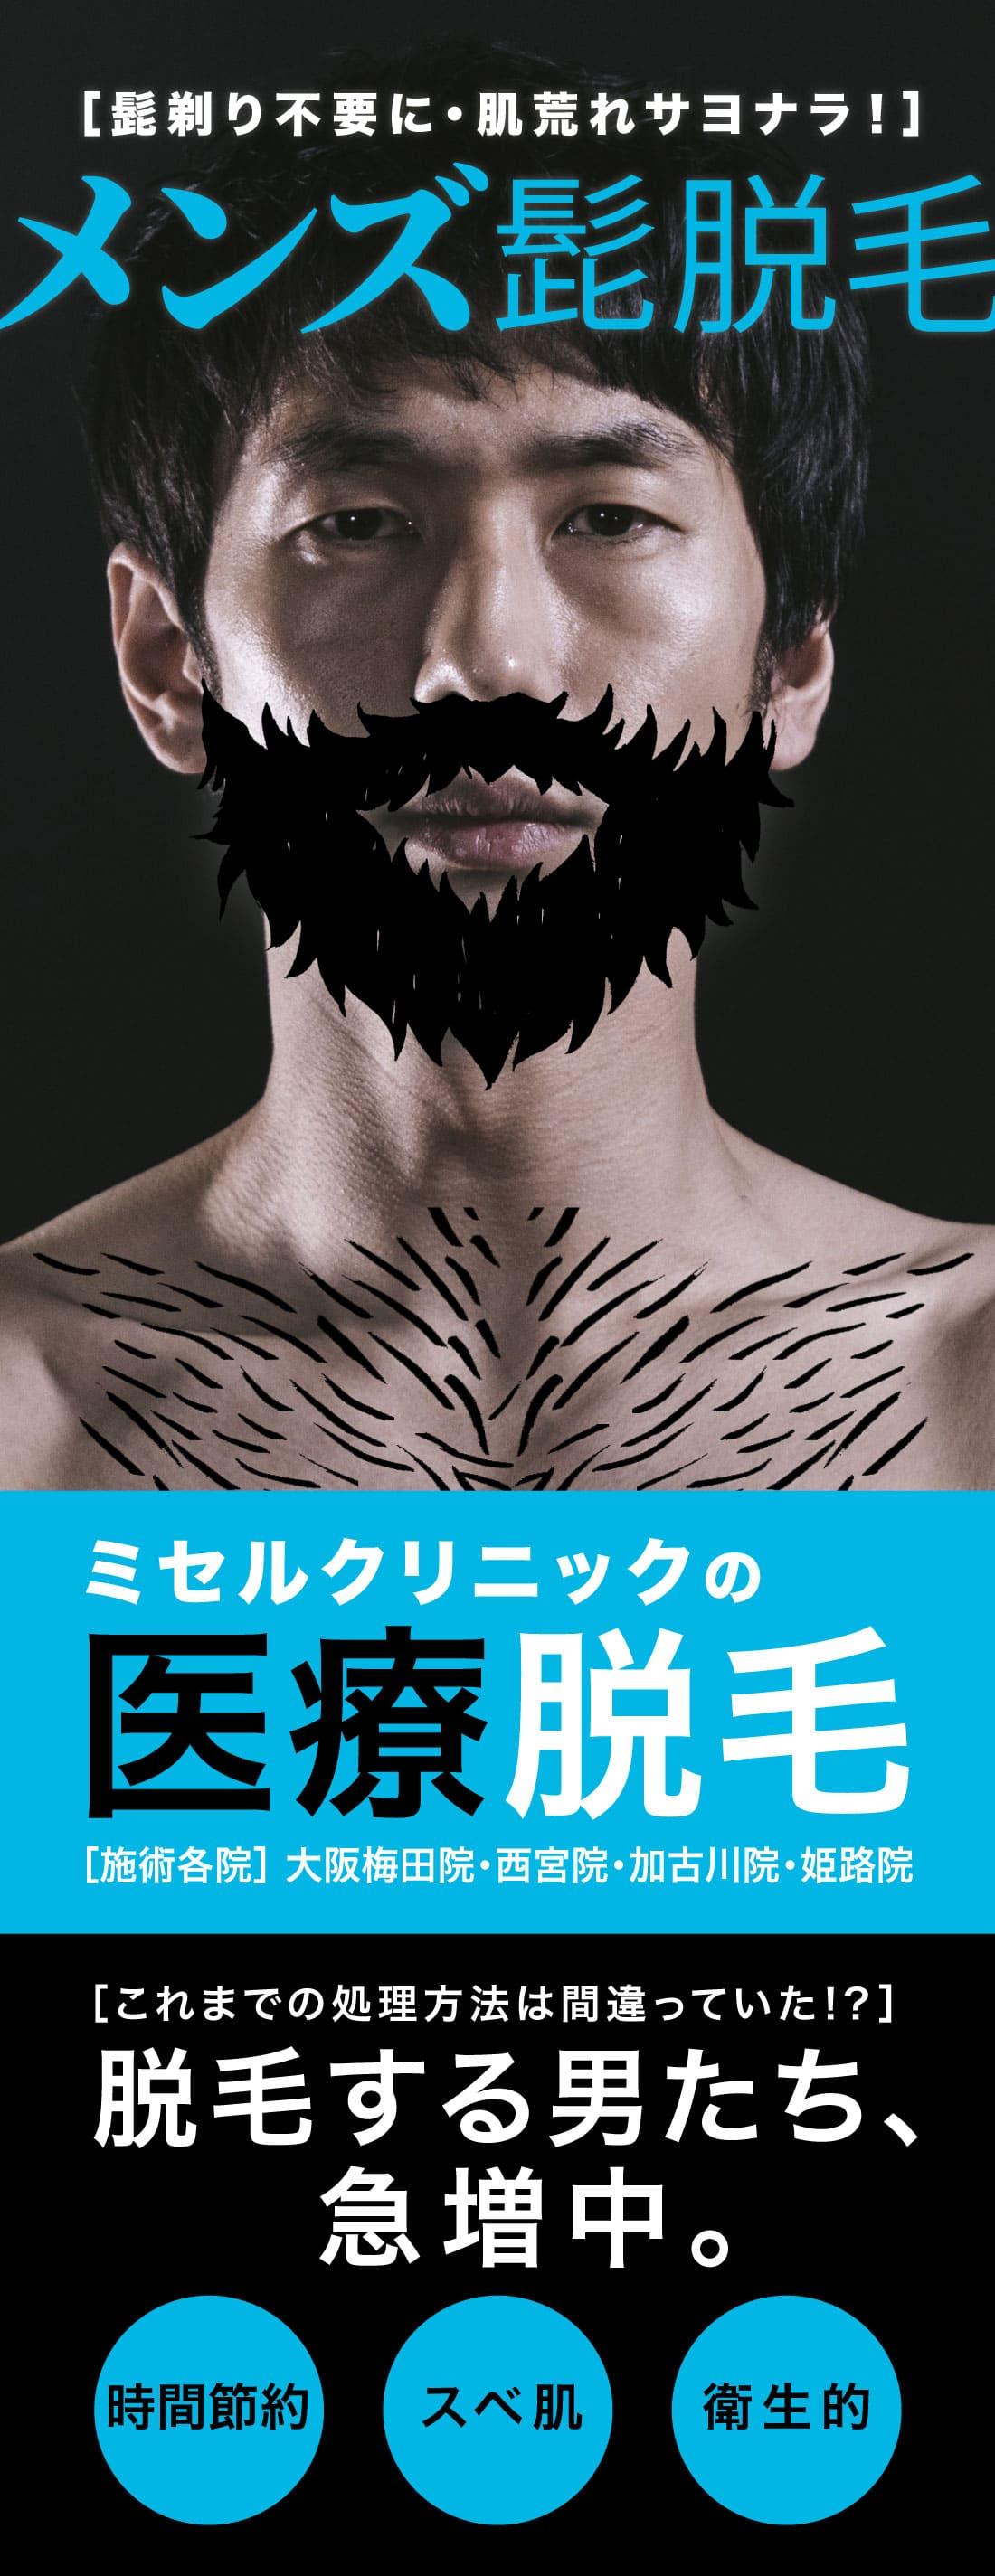 ミセルグループ 医療脱毛 男性向け メンズ髭脱毛